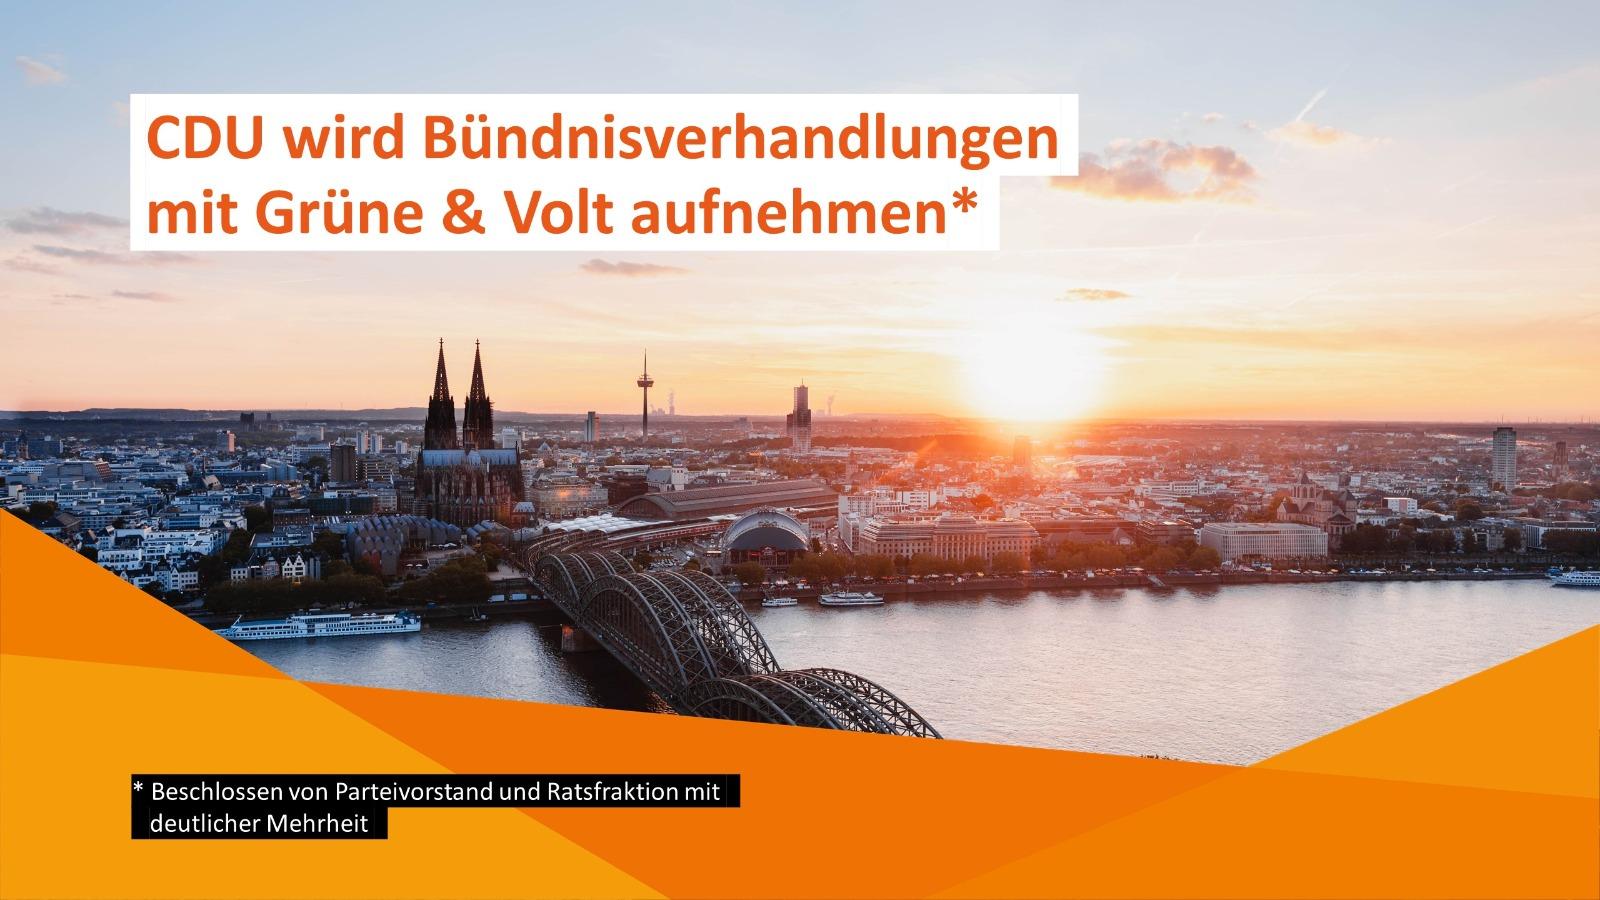 CDU Köln wird Bündnisverhandlungenmit Grüne und Volt aufnehmen